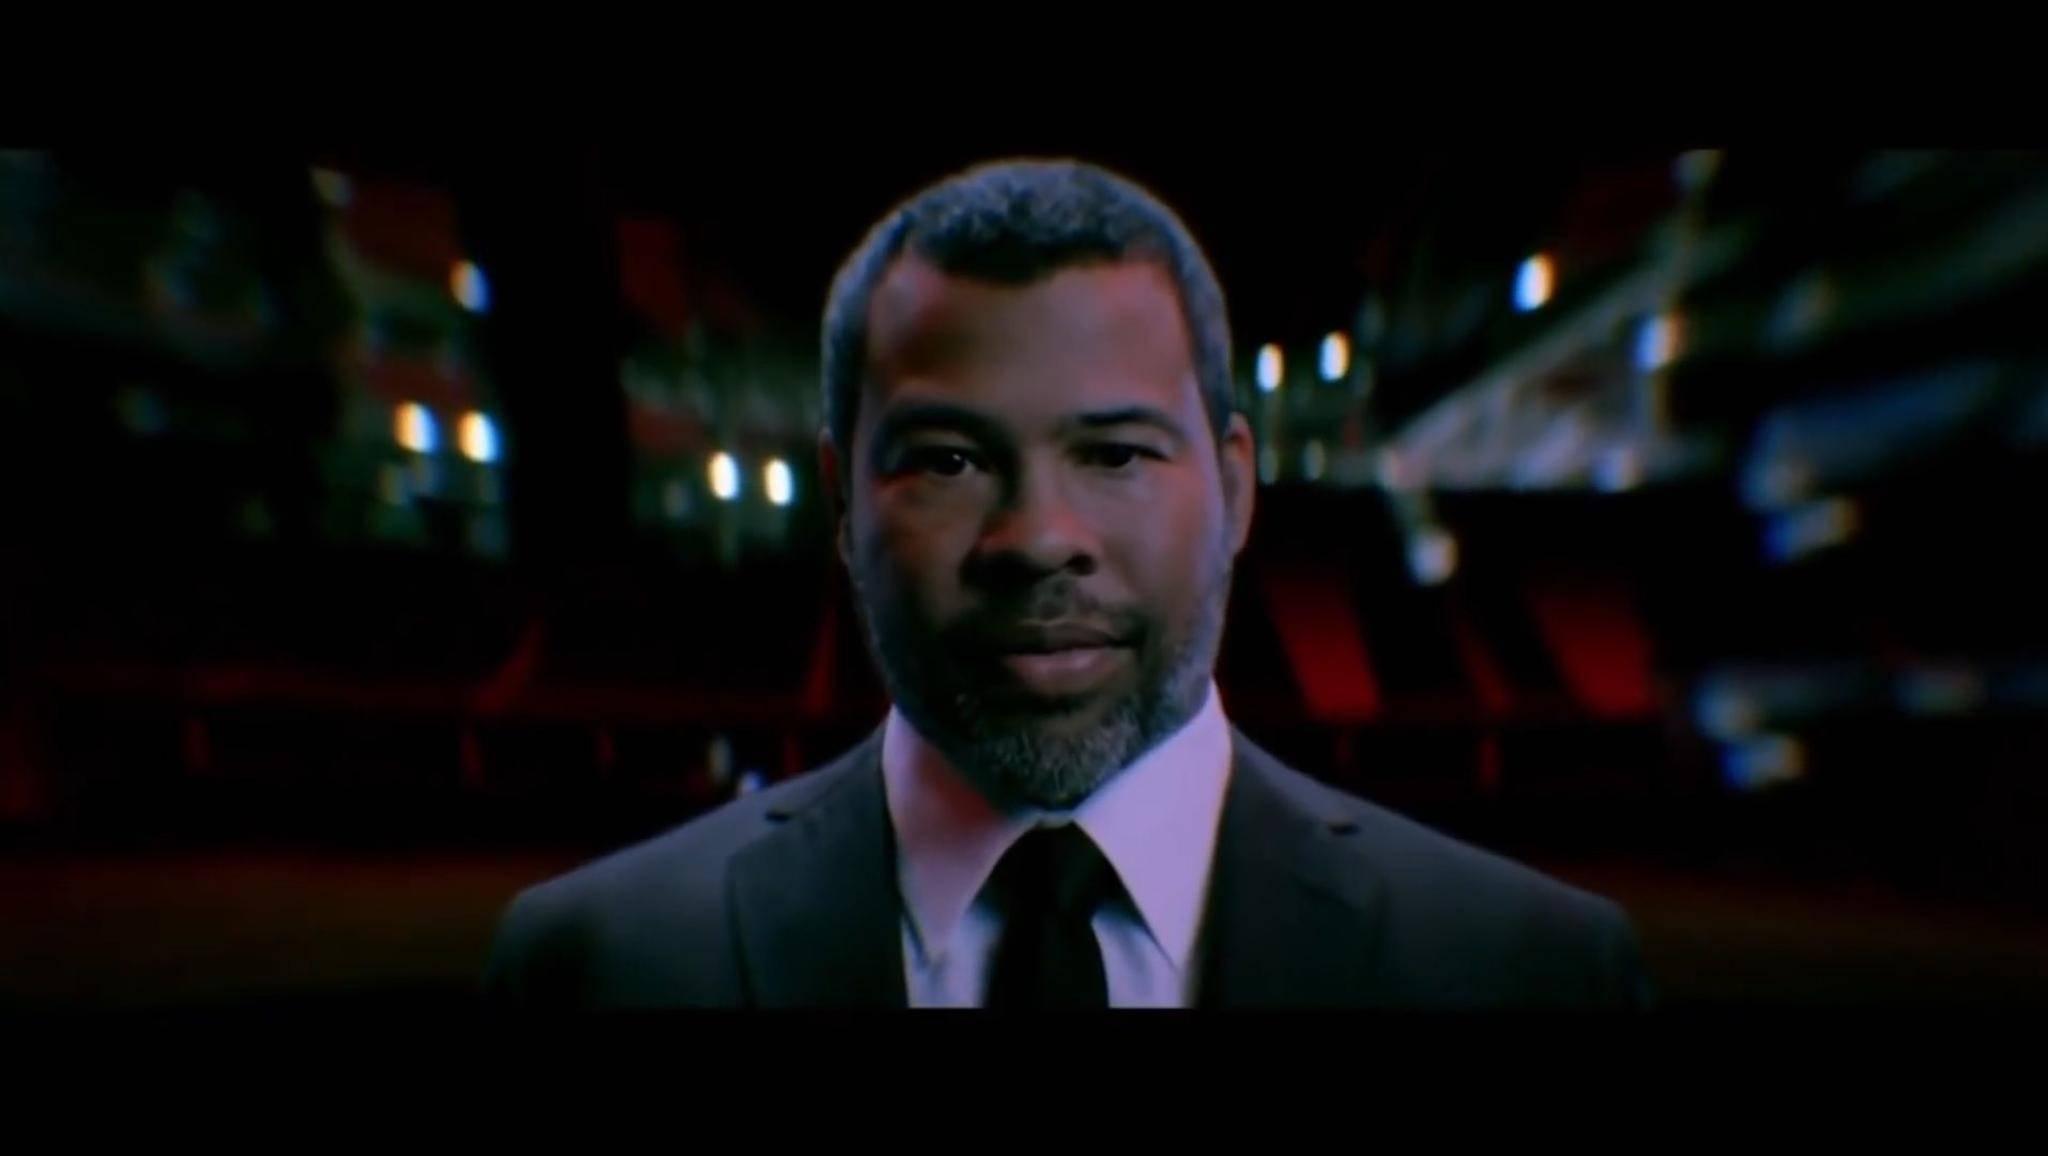 """Jordan Peele persönlich begrüßt uns in jeder Episode von """"The Twilight Zone""""."""